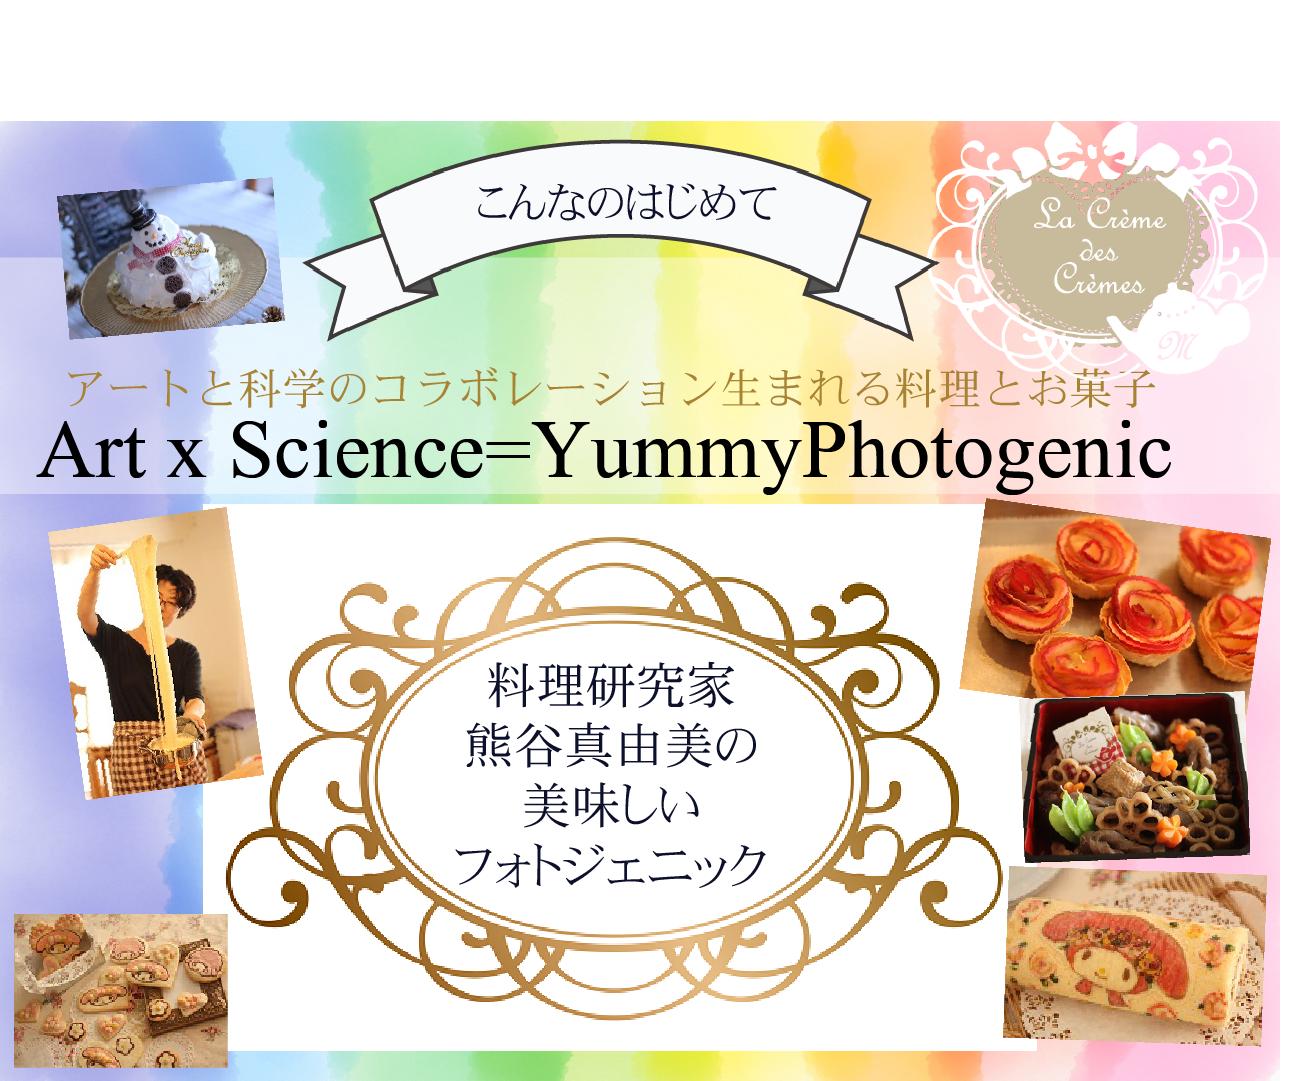 料理研究家 熊谷真由美のArtXSience=YummyPhotogenic】